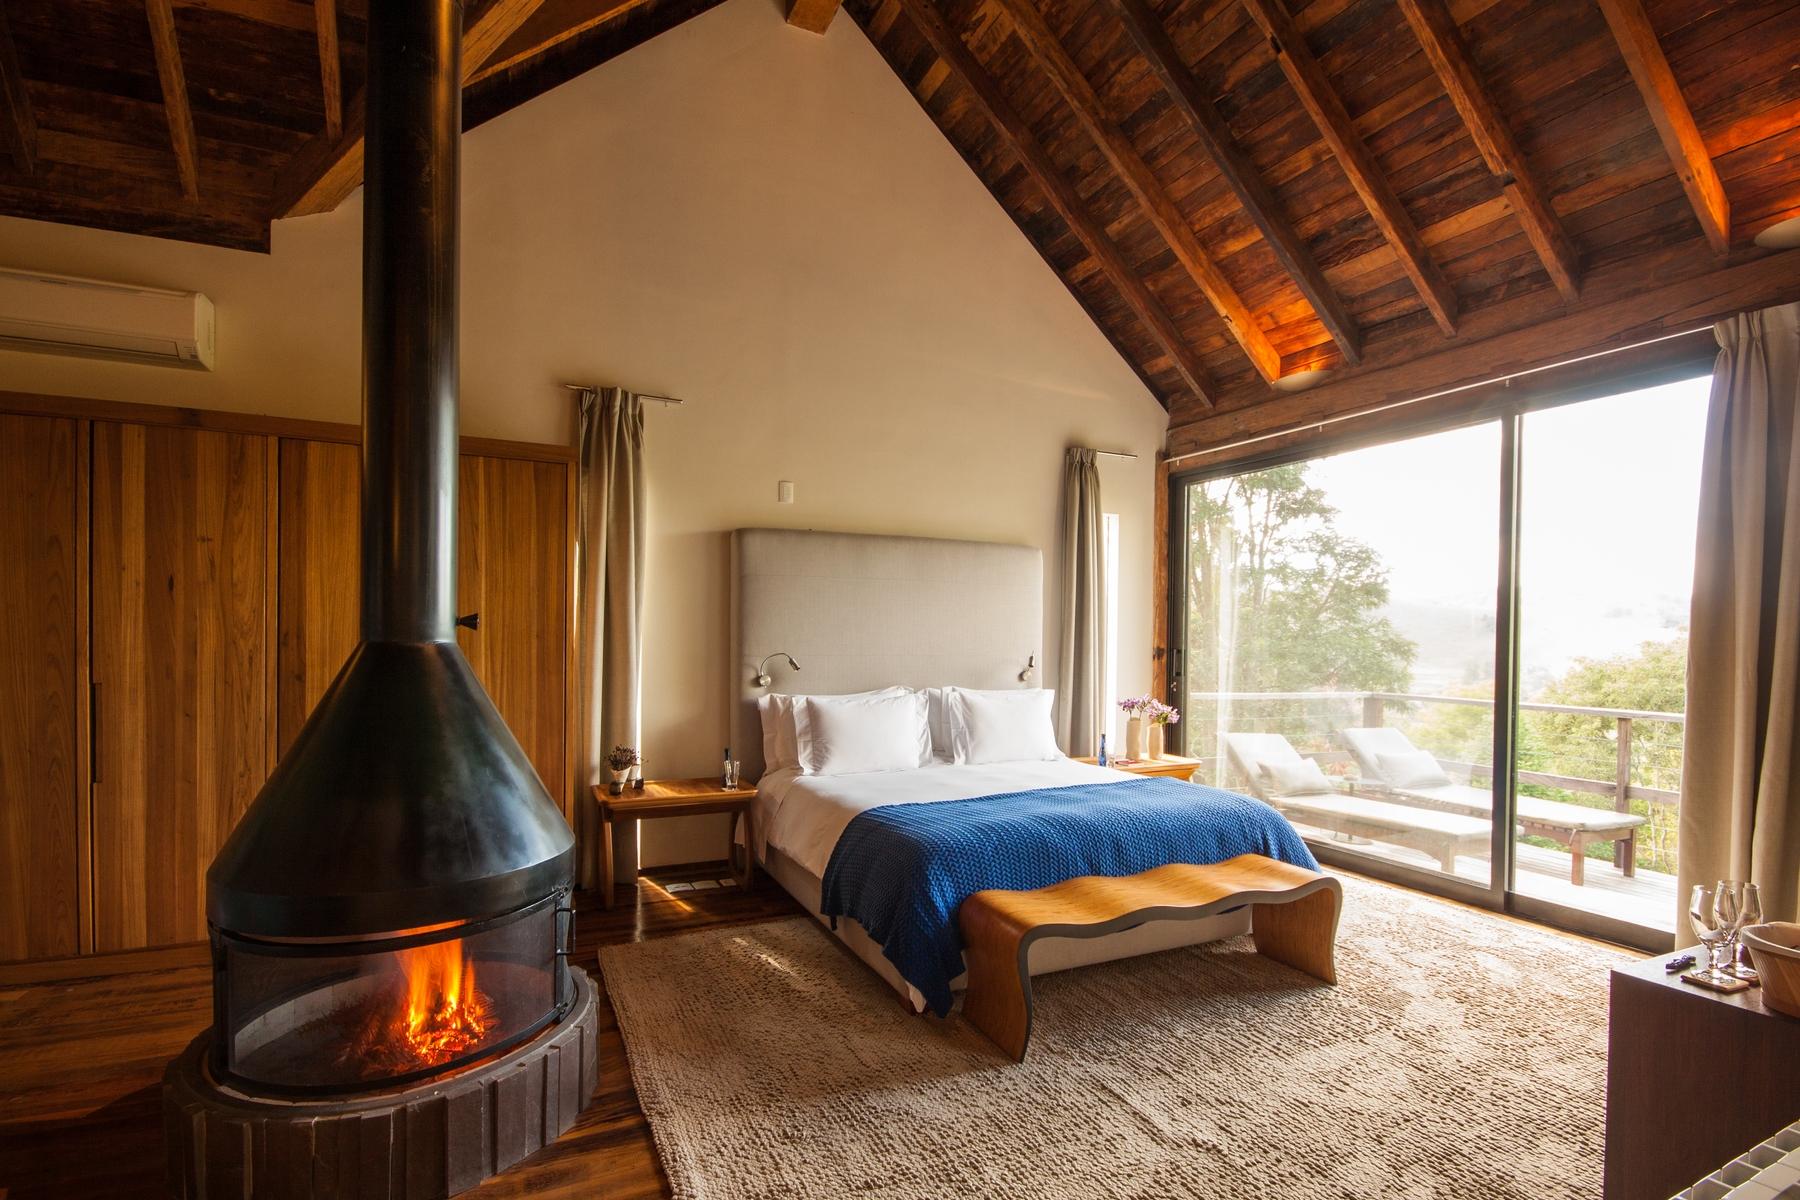 Melhores hotéis para quem gosta de montanhas